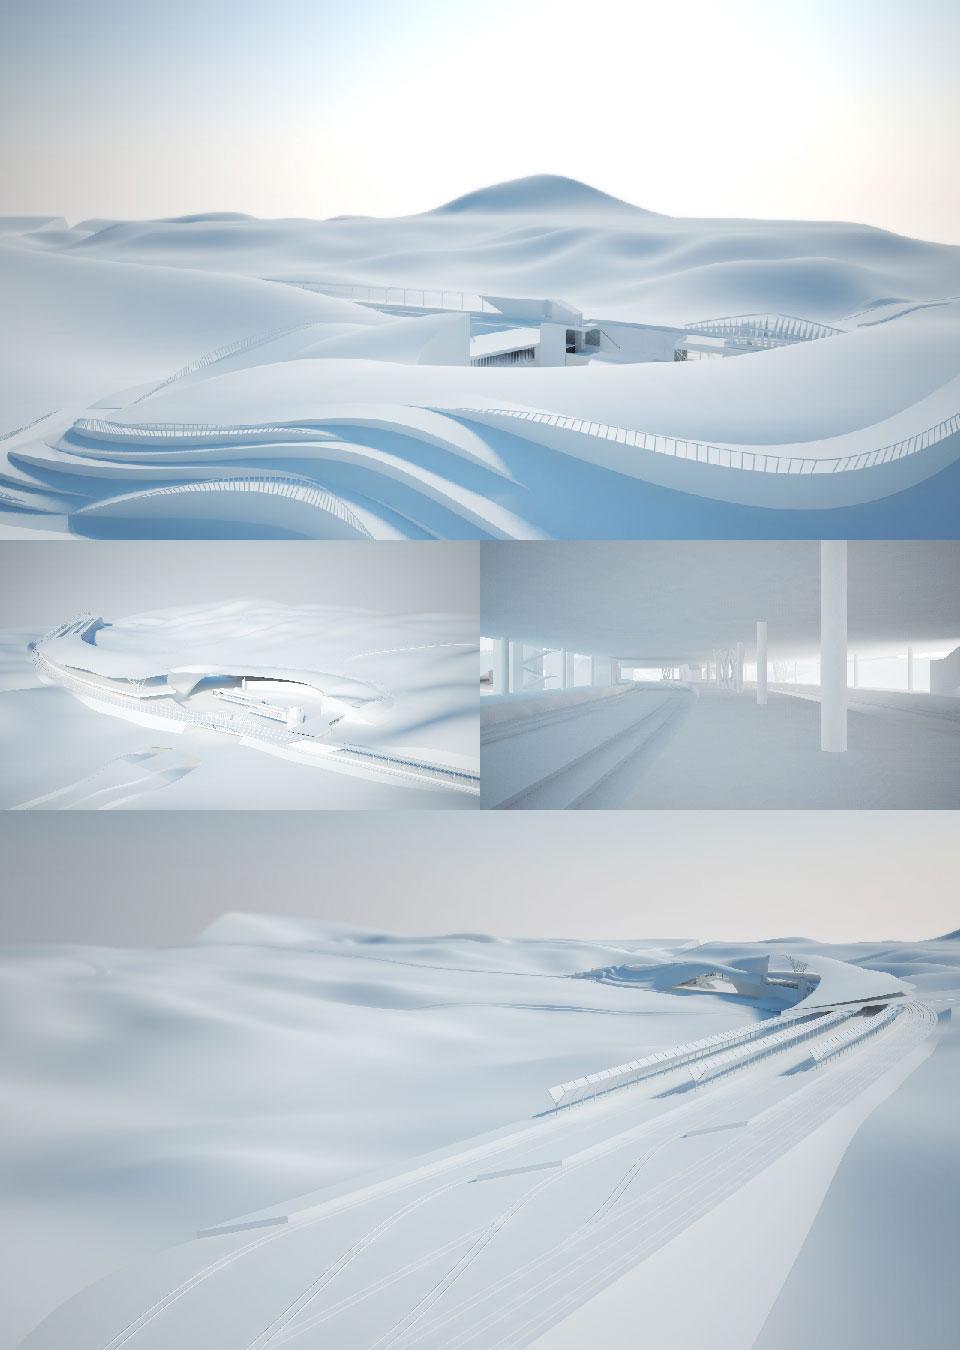 сирець,транспортний вузол, візуалізації в білому